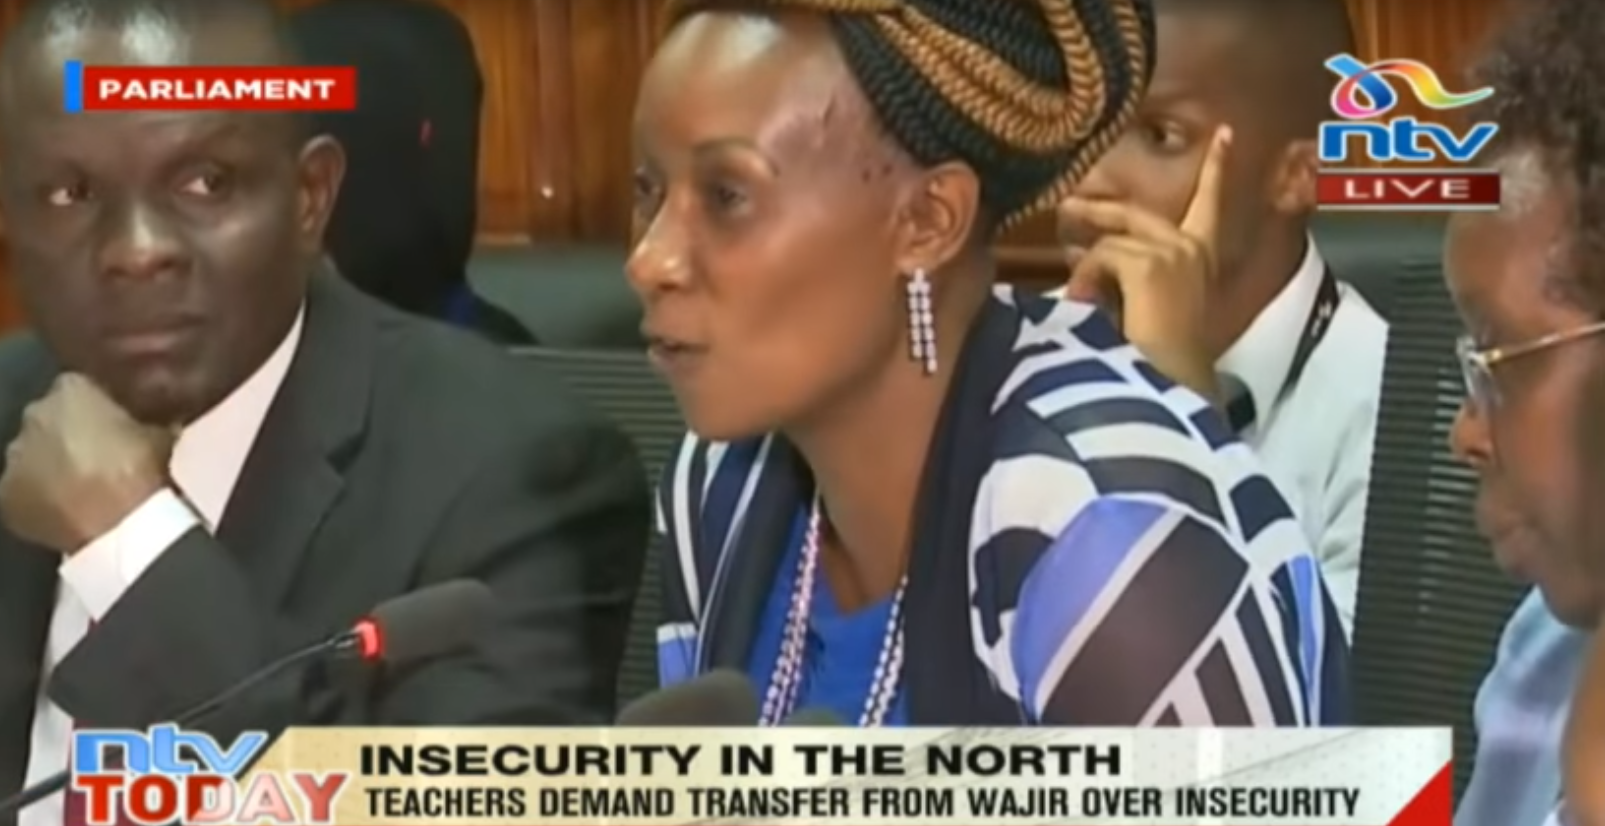 Capture d'écran de la télévision NTV Kenya. Les professeurs de Wajir, dans le nord du pays, demande leur transfert pour des raisons de sécurité.